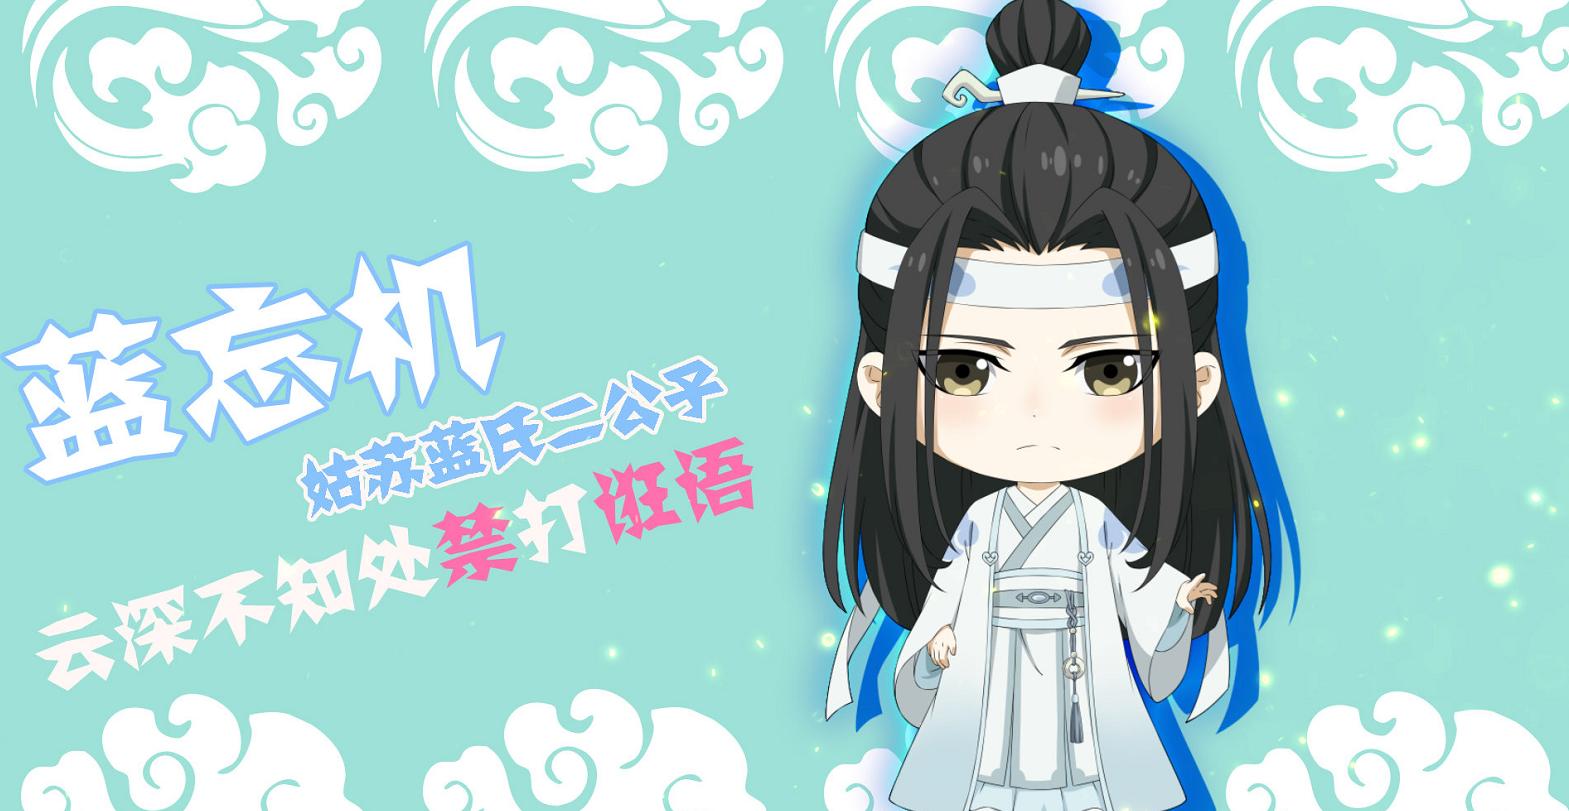 魔道祖师 Q版动画2020年播出,江澄有望 脱单